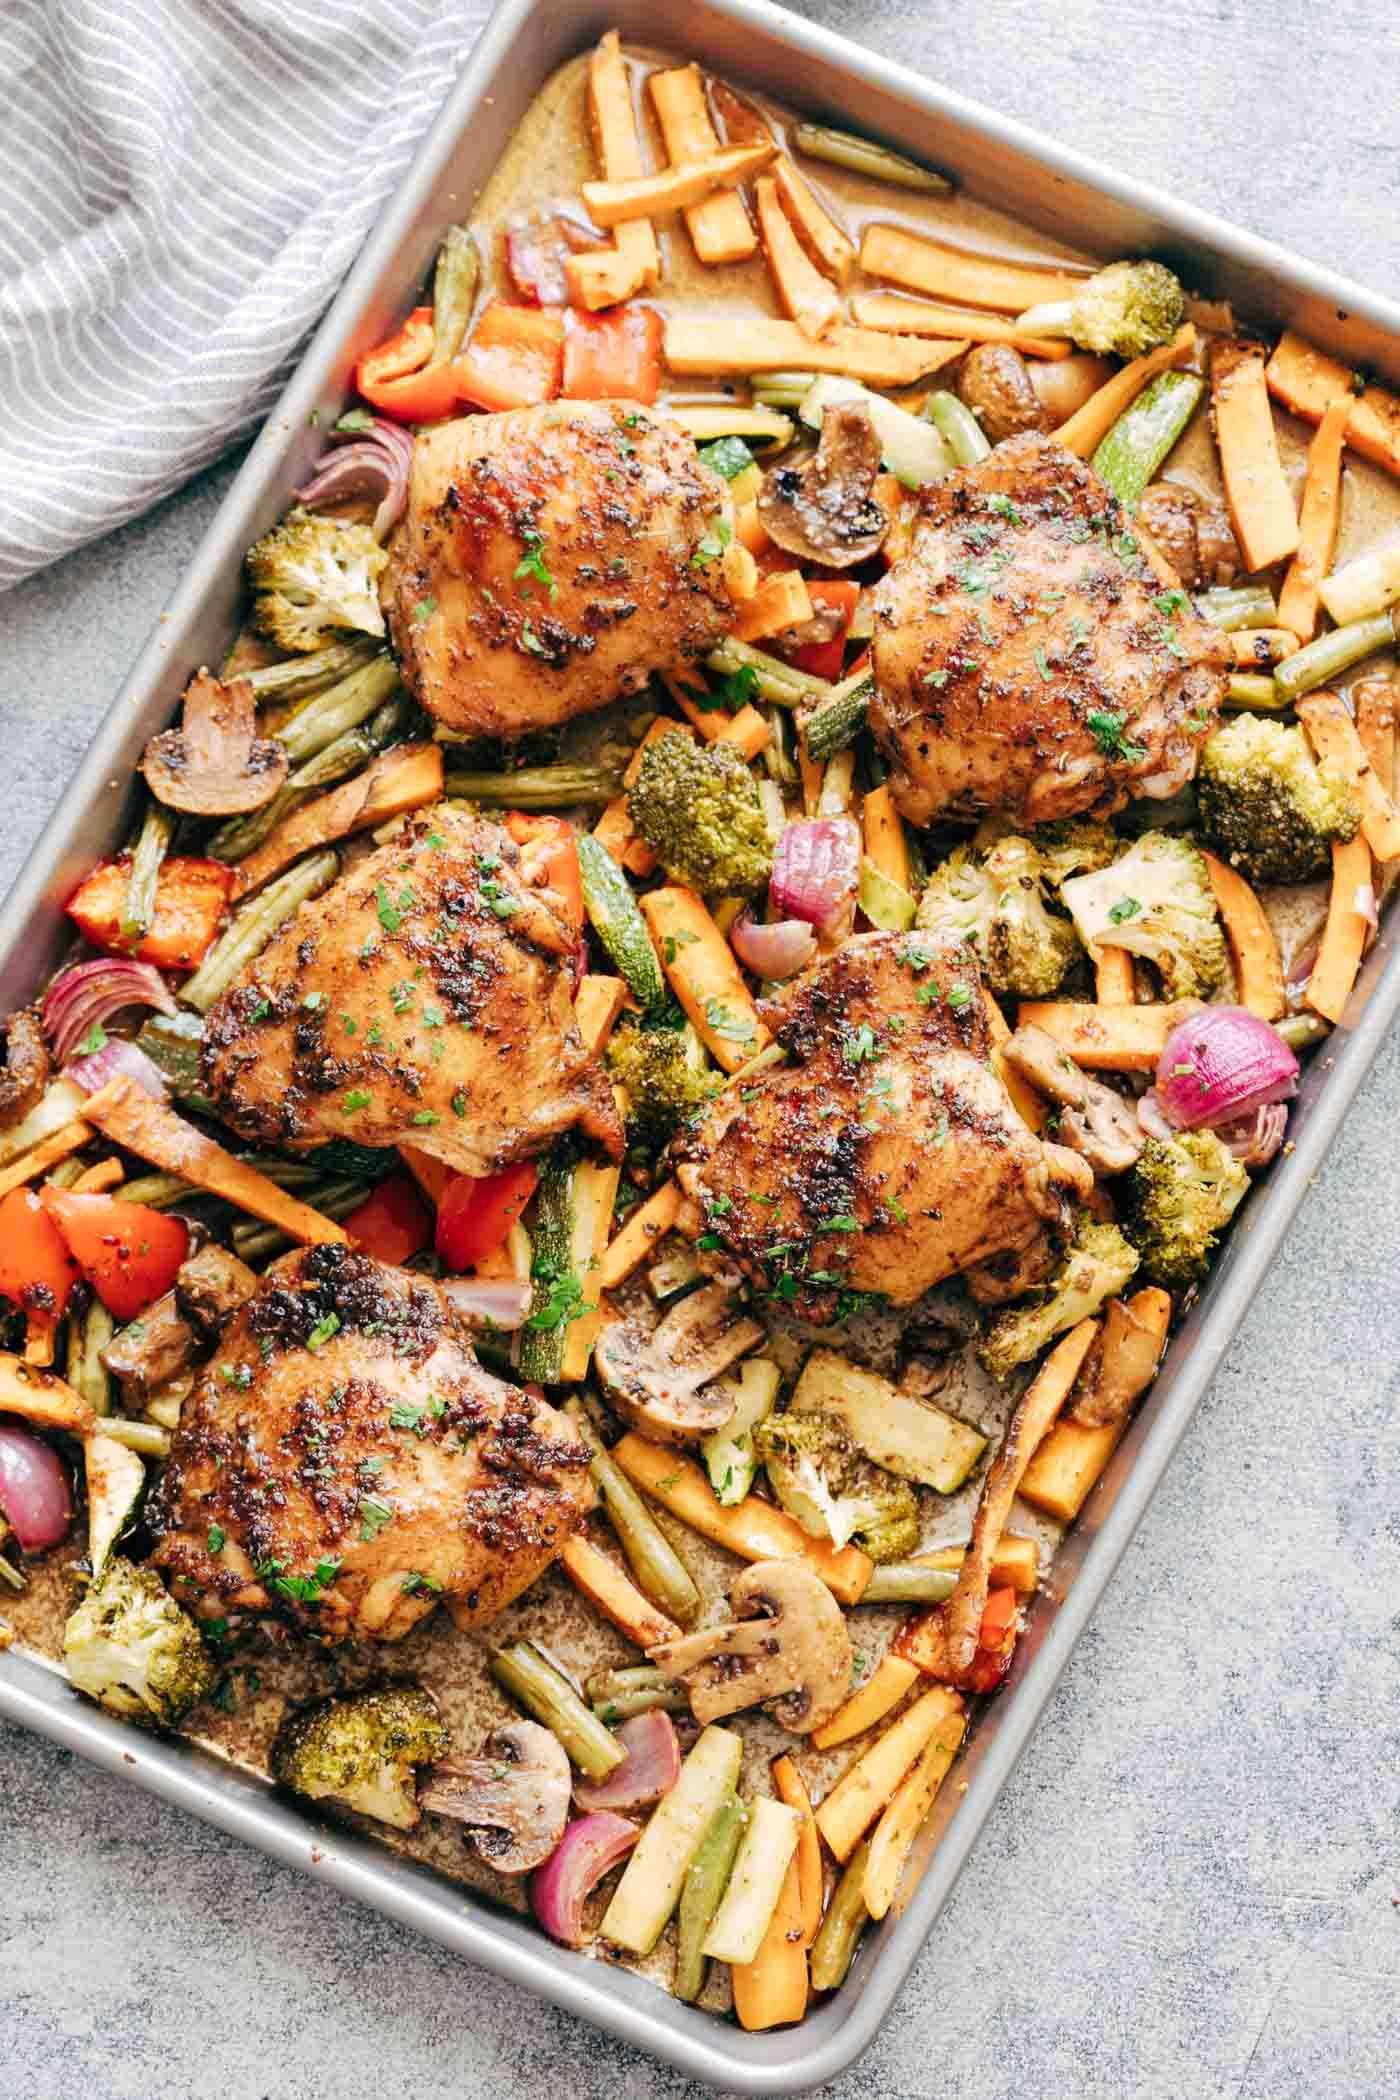 Sheet-Pan-Honey-Balsamic-Chicken-Thighs-with-Veggies-2.jpg